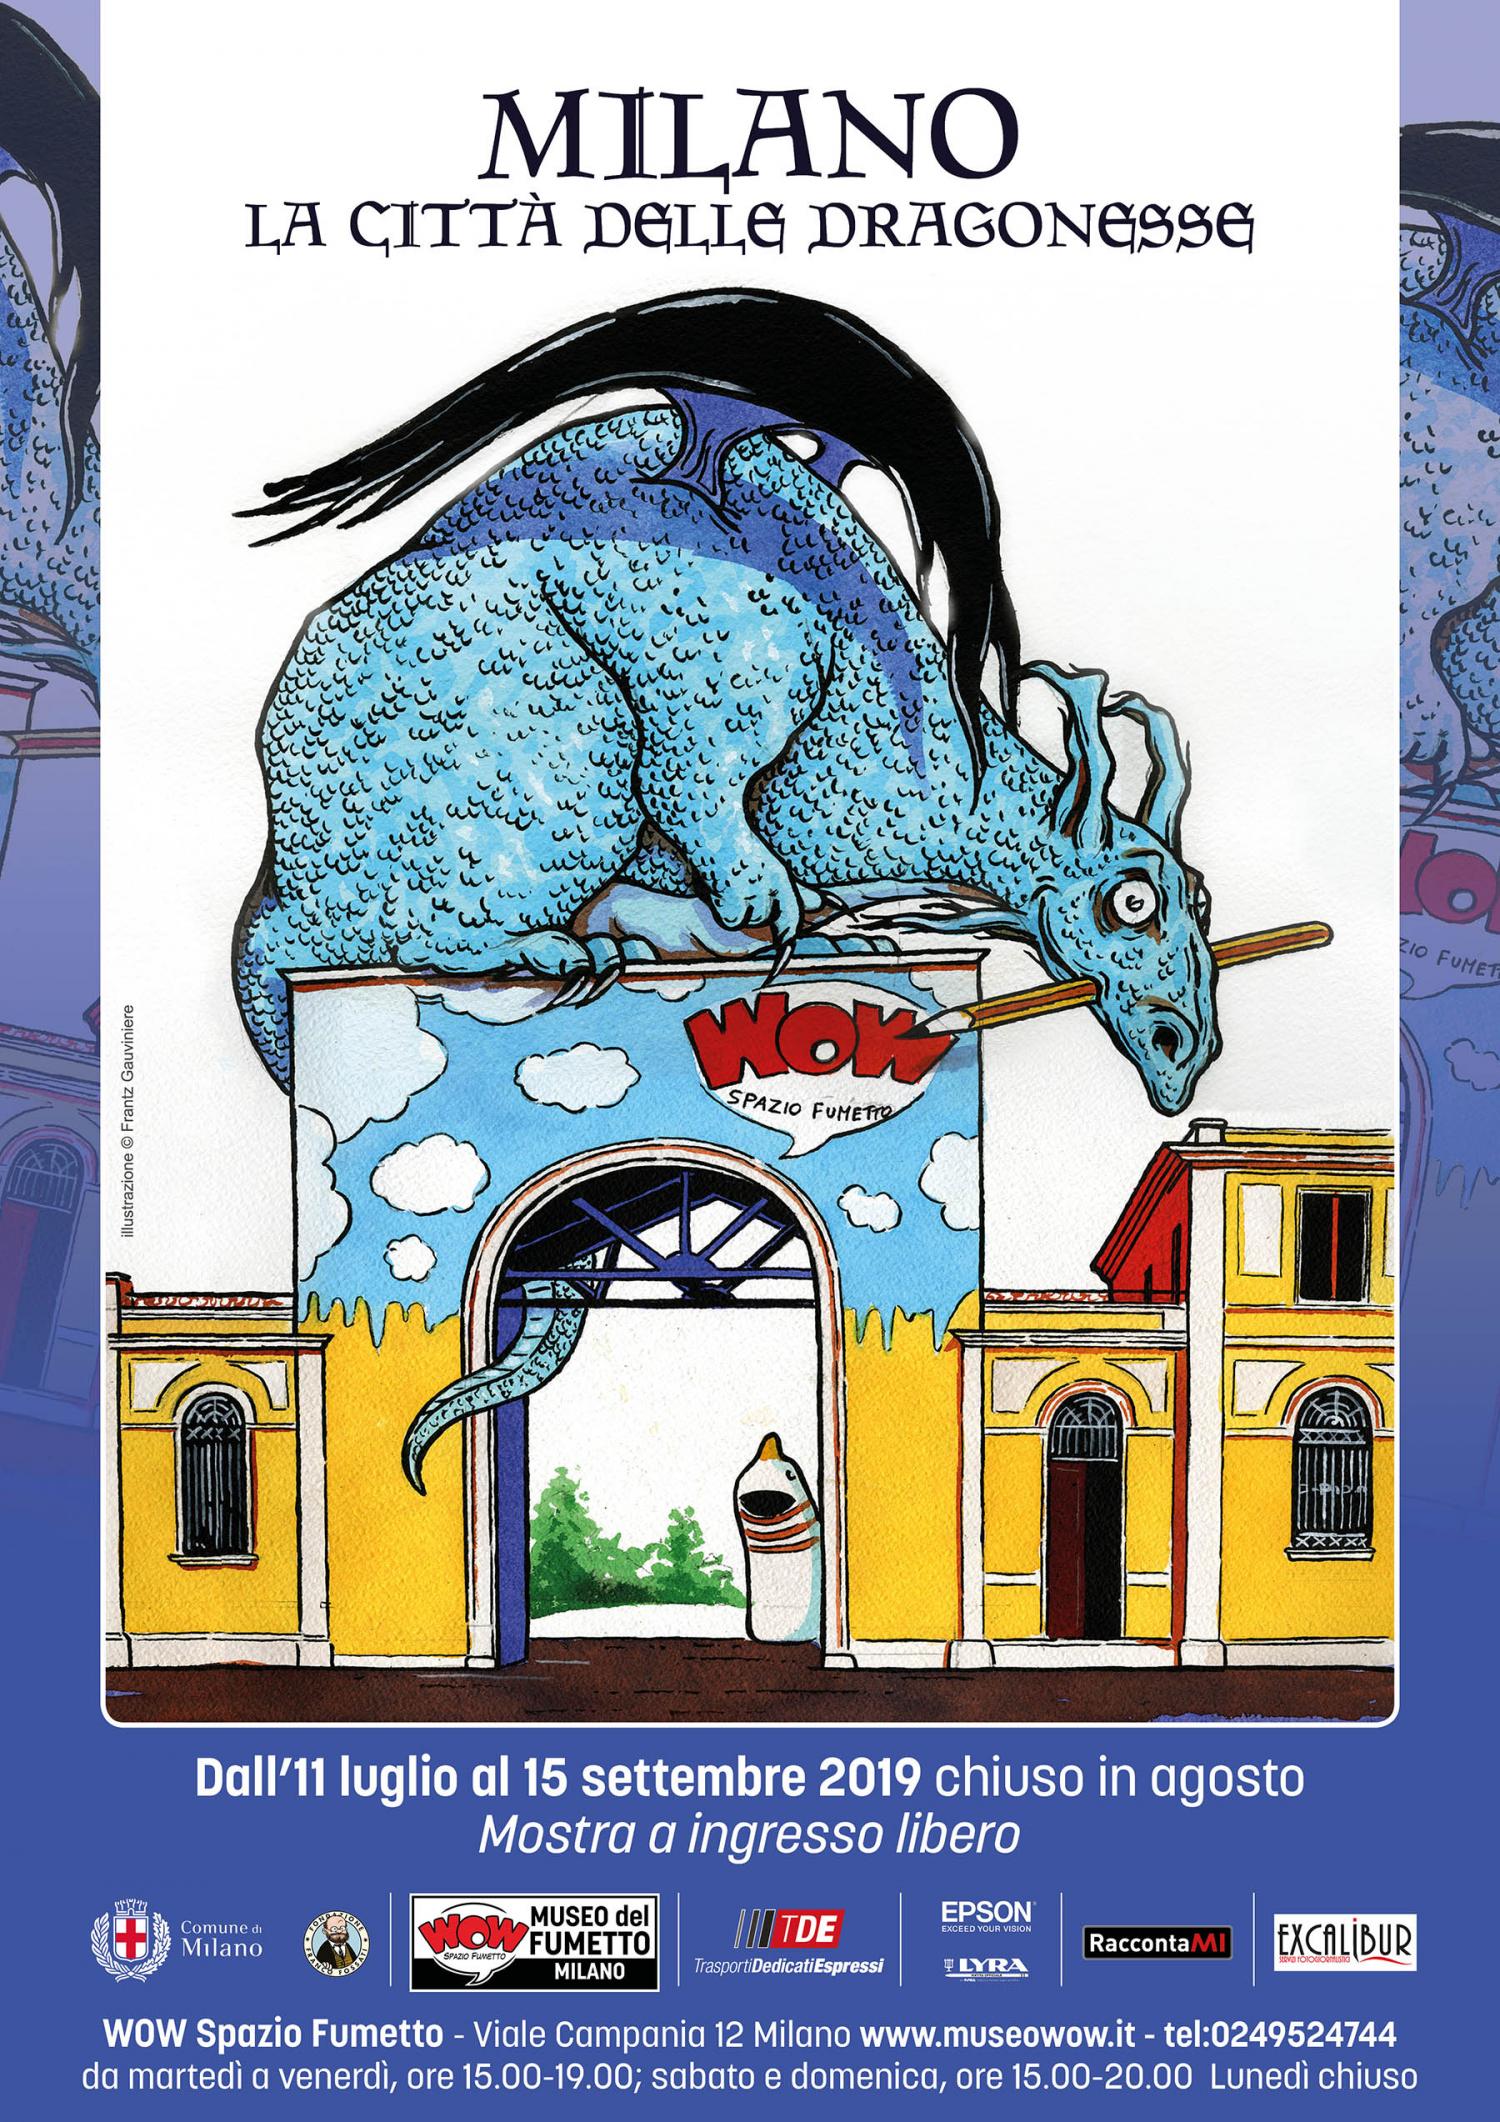 <p>A levante di Milano oggi corre il fiume Serio. Scivola via tra le ondulazioni del terreno fino ad incontrare gli ampi meandri del fiume Adda, dove un tempo giaceva disteso sulla pianura un vasto specchio d&rsquo;acqua dalle rive paludose: il lago Gerundo. La leggenda vuole che le sue acque quasi stagnanti fossero solcate da animali giganteschi e inquietanti, rassomiglianti a enormi bisce d&rsquo;acqua. Ma un tempo i contadini affermavano invece che si trattasse di <strong>dragoni con zampe e ali</strong>, o meglio di un solo drago secolare chiamato Tarant&agrave;sio. In realt&agrave; di Tarant&agrave;sio ce n&rsquo;erano pi&ugrave; d&rsquo;uno e sarebbe stato meglio chiamarli Tarant&agrave;sia, perch&eacute; pare fossero tutte femmine. Ma ecco che un giorno accade qualche cosa di decisamente insolito: la terra si muove verso l&rsquo;alto come spinta da talpe gigantesche. Fa capolino qui e l&agrave; un muso rugoso e appuntito, sormontato da grandi narici squamose. Spuntano occhi grandi e tondi seguiti da tutta la testa, dal lungo collo e dalle zampe artigliate. Escono un po&rsquo; sonnolenti i dragoni, o per meglio dire le <strong>Dragonesse</strong>, stiracchiandosi ben benino fino alla coda. Dopo i primi sguardi un po&rsquo; spaesati e un grande sbattere di ciglia e d&rsquo;ali, questa sorta di dinosauri celesti prende il volo sollevandosi in ampi cerchi sulla pianura. Sbuffano dalle narici e dalla grande bocca un fiato denso, color del fumo, quello che gli antichi contadini chiamavano &ldquo;Alito del Drago&rdquo;. E in questa specie di nebbia caliginosa che il loro ansimare genera, planano ad ovest, verso Milano. Da questo spunto nasce il volume &ldquo;<strong>Milano. La citt&agrave; delle dragonesse</strong>&rdquo;. Le Dragonesse ci raccontano storie poco note e talvolta sconosciute inducendoci alla riflessione. Ognuna di loro ora si &egrave; scelta una casa: chi l&#39;Arco della Pace, chi l&#39;Arena, chi le Colonne di San Lorenzo, chi il Rifugio antiaereo n